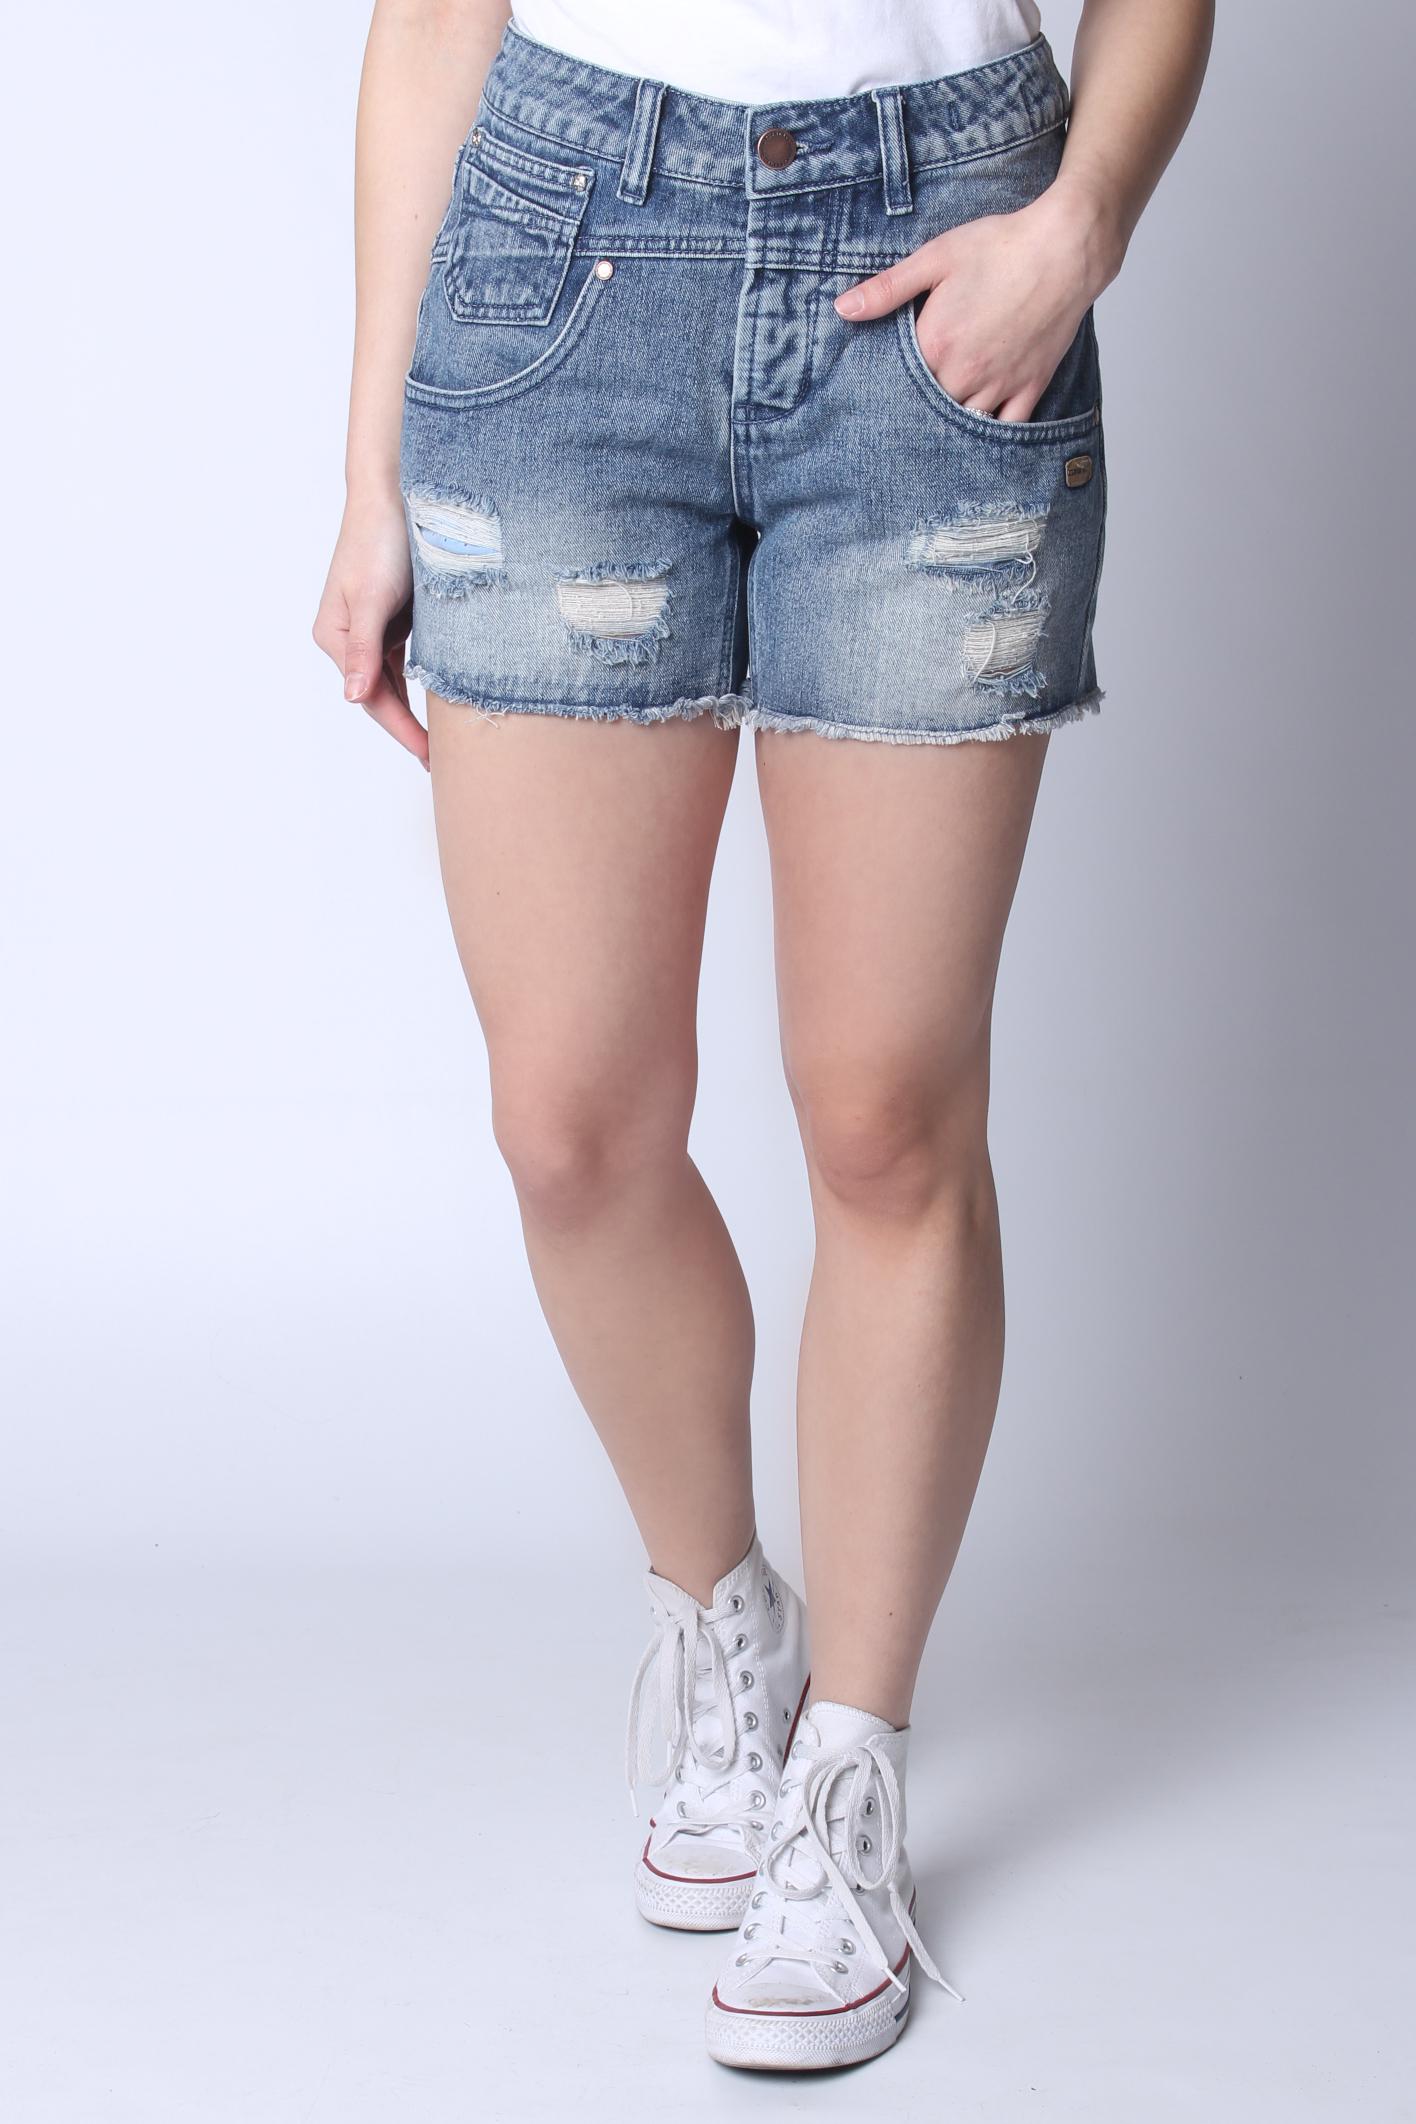 niedrigerer Preis mit feine handwerkskunst Werksverkauf GANG Damen Shorts -